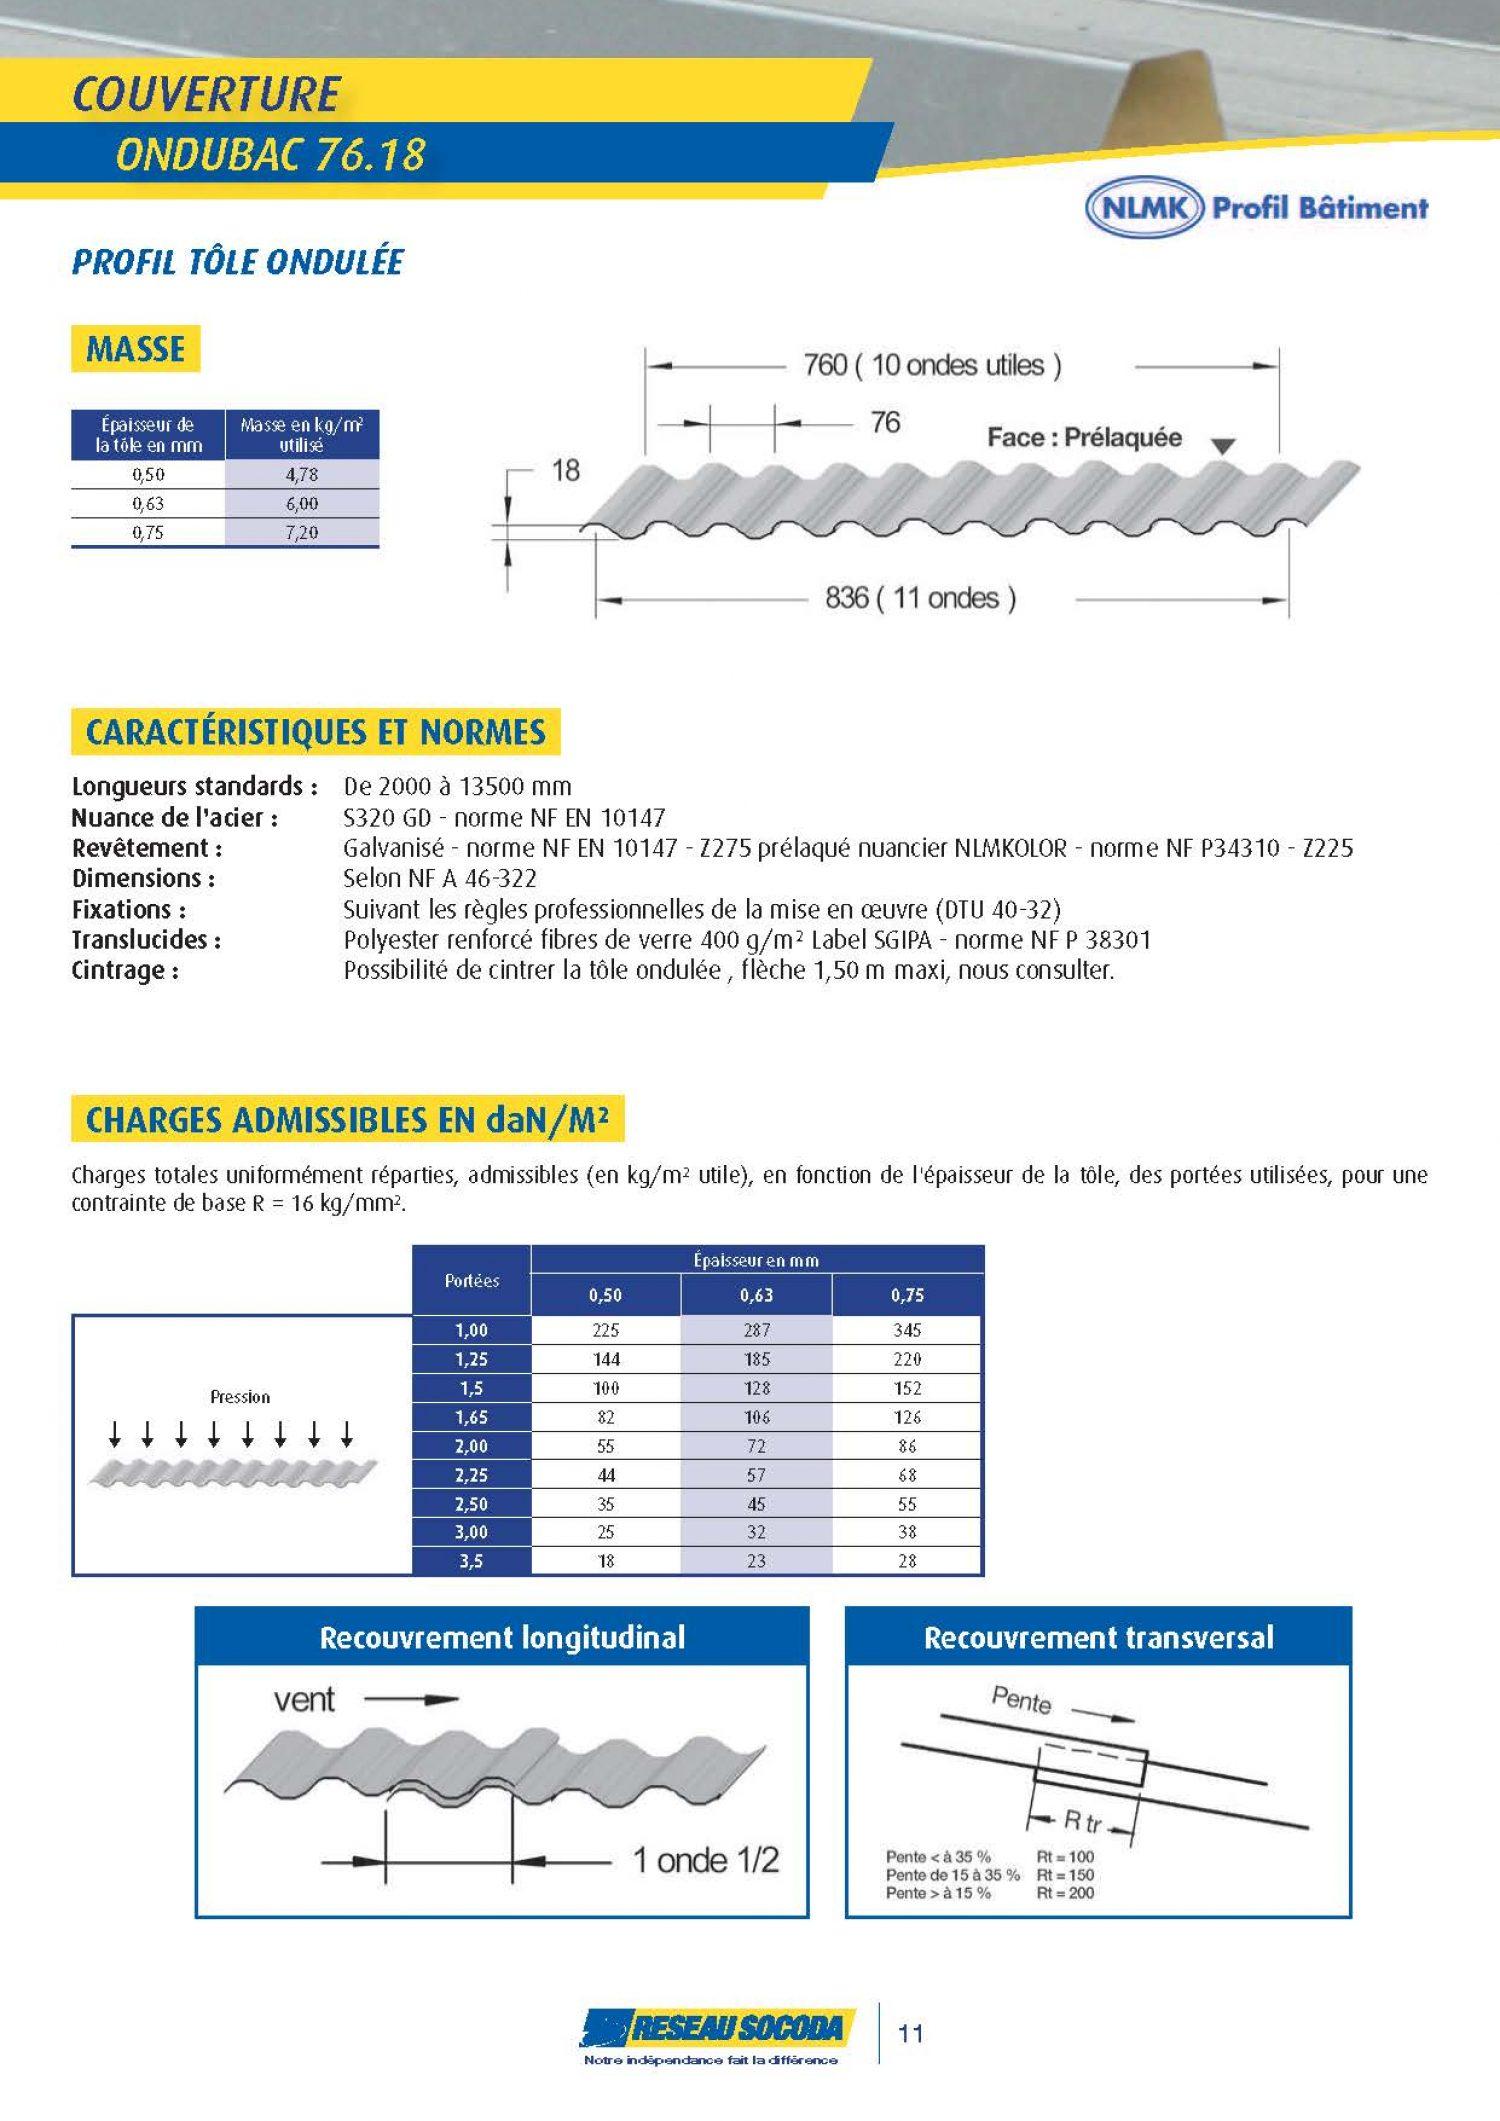 GERMOND_2014 PROFIL BATIMENT_20140324-184231_Page_11